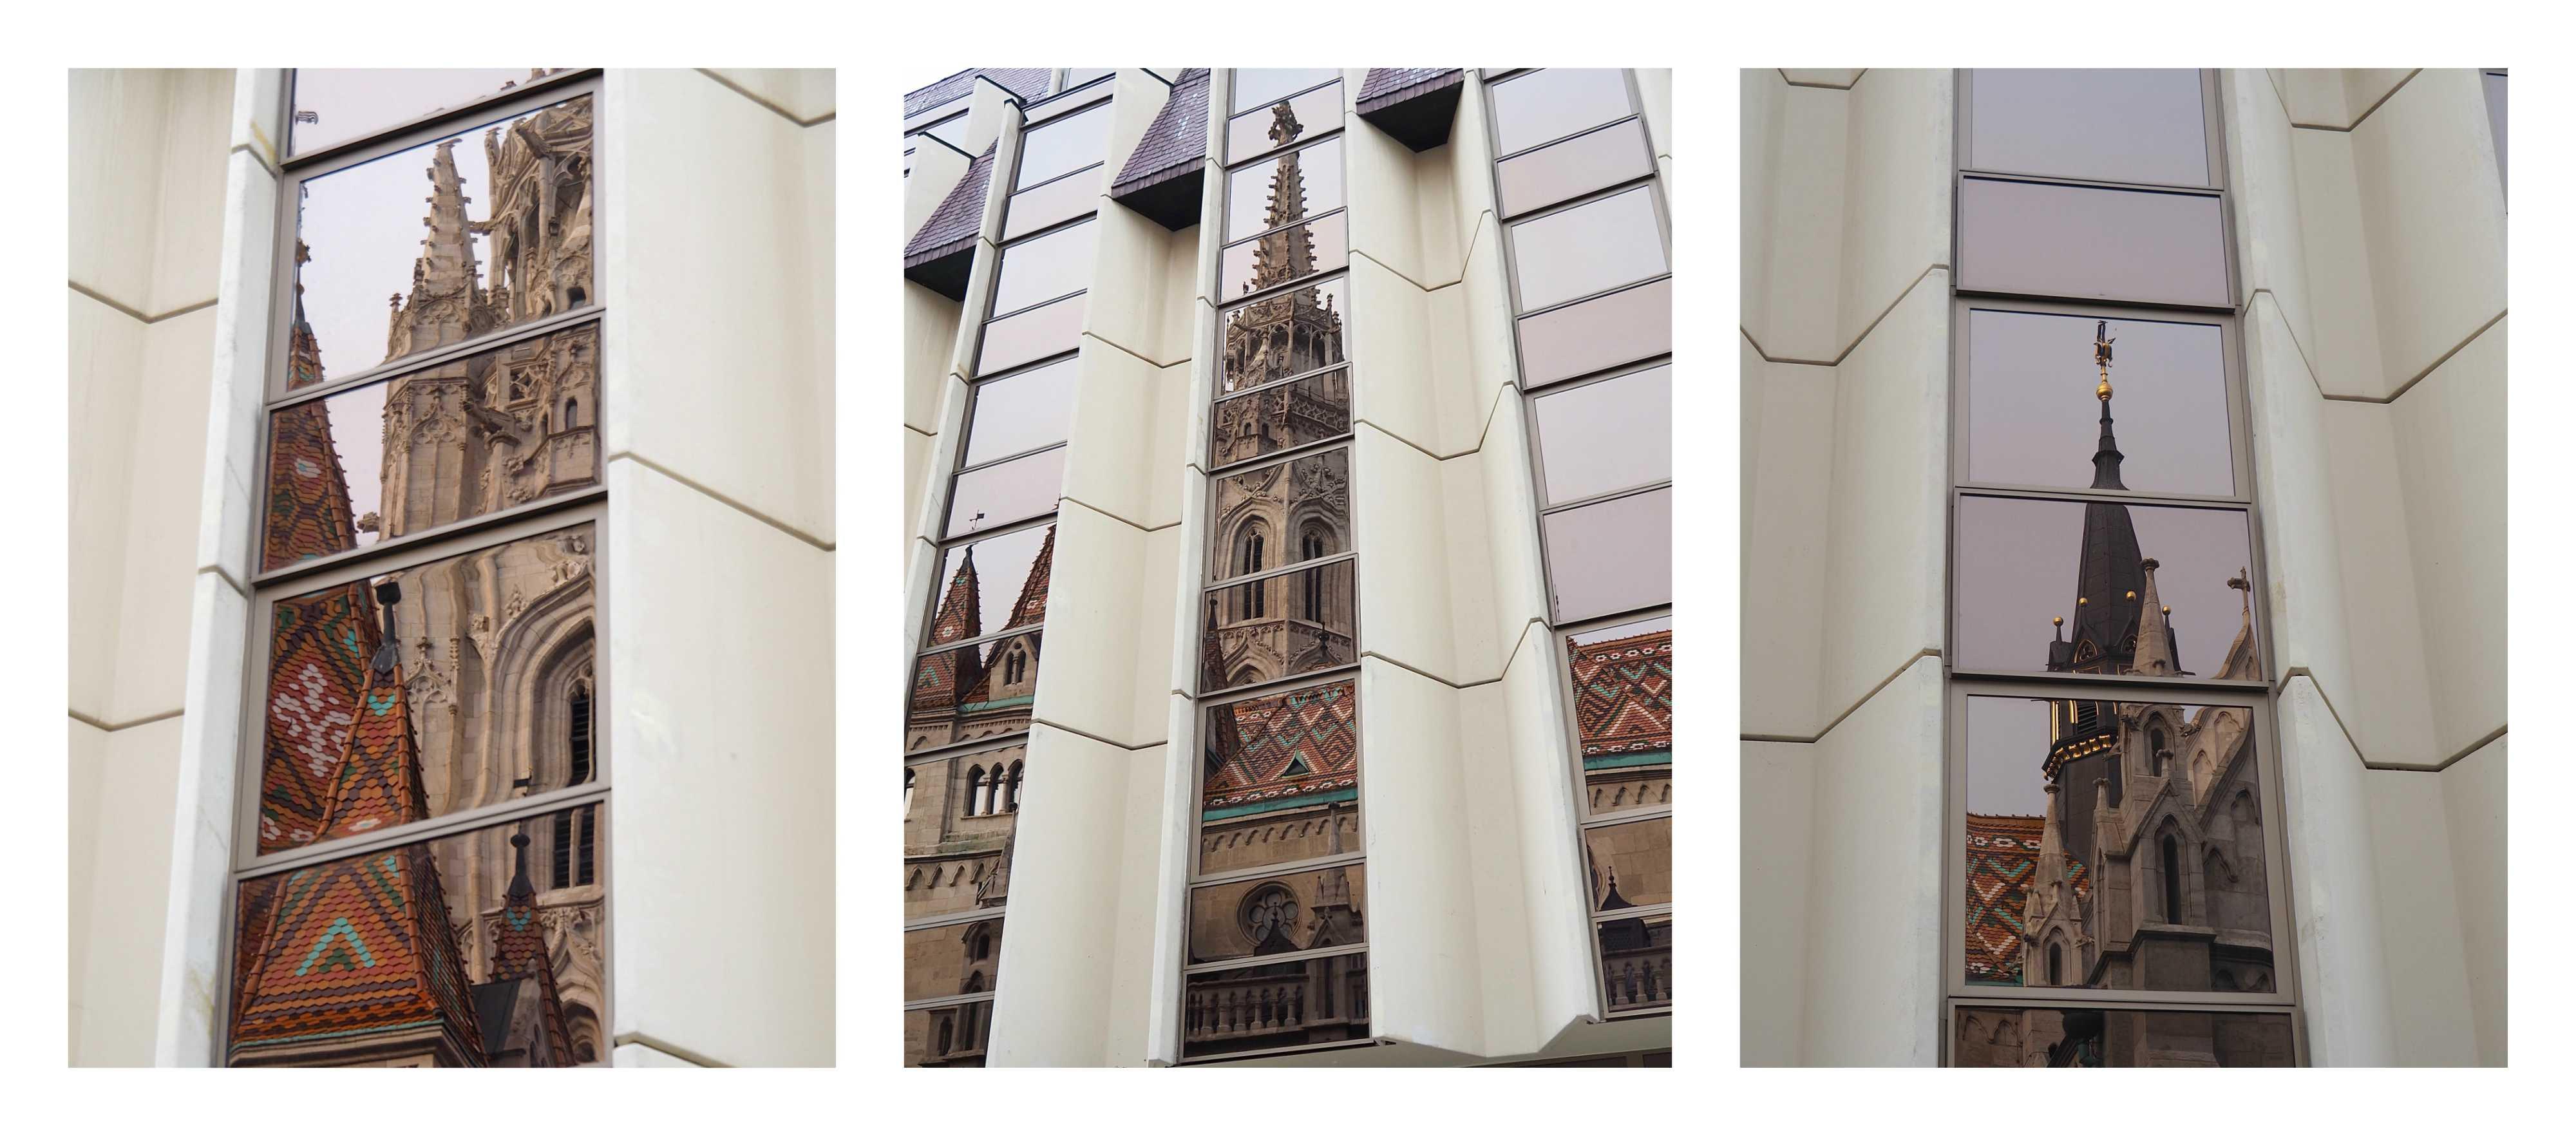 Visite de Budapest en famille, itinéraire sur 5 jours. Balade dans le quartier du château - Eglise Mathias